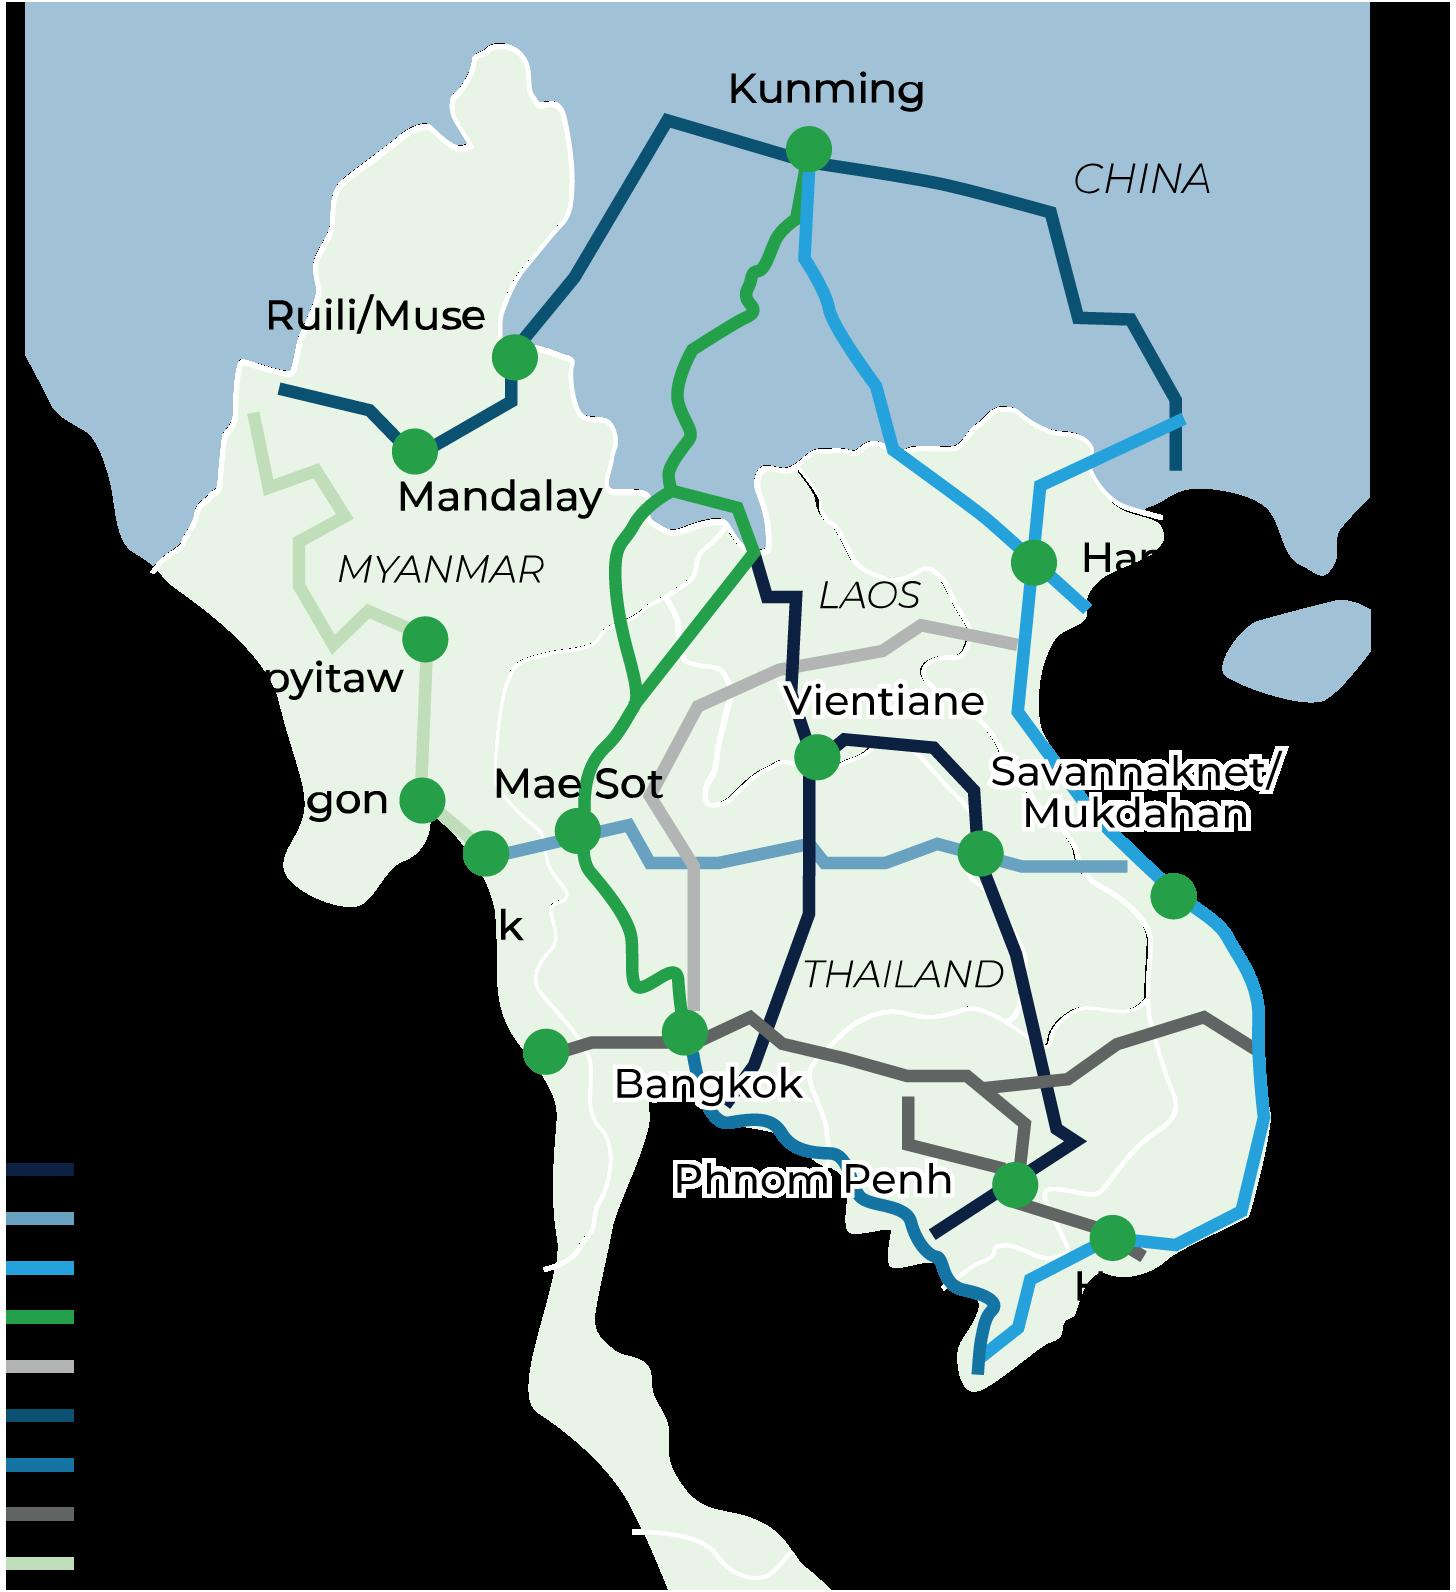 China-Indochina Peninsula